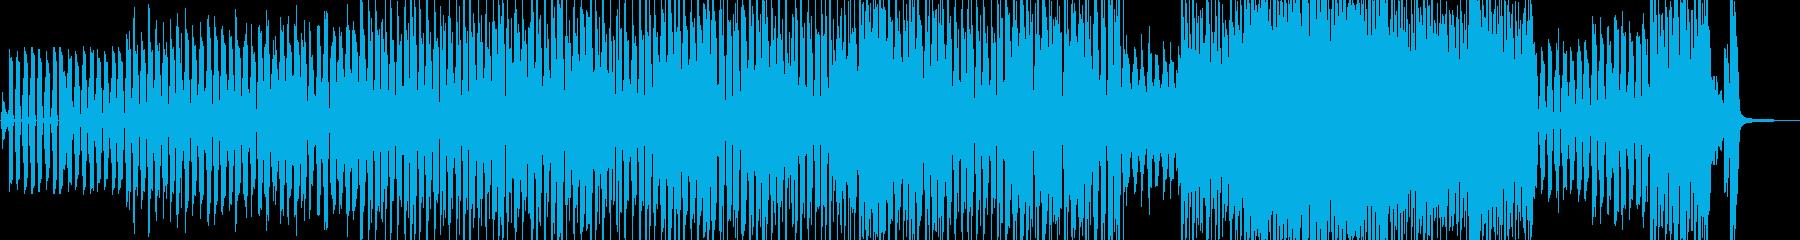 コミカルで可笑しなスィングジャズ Bの再生済みの波形